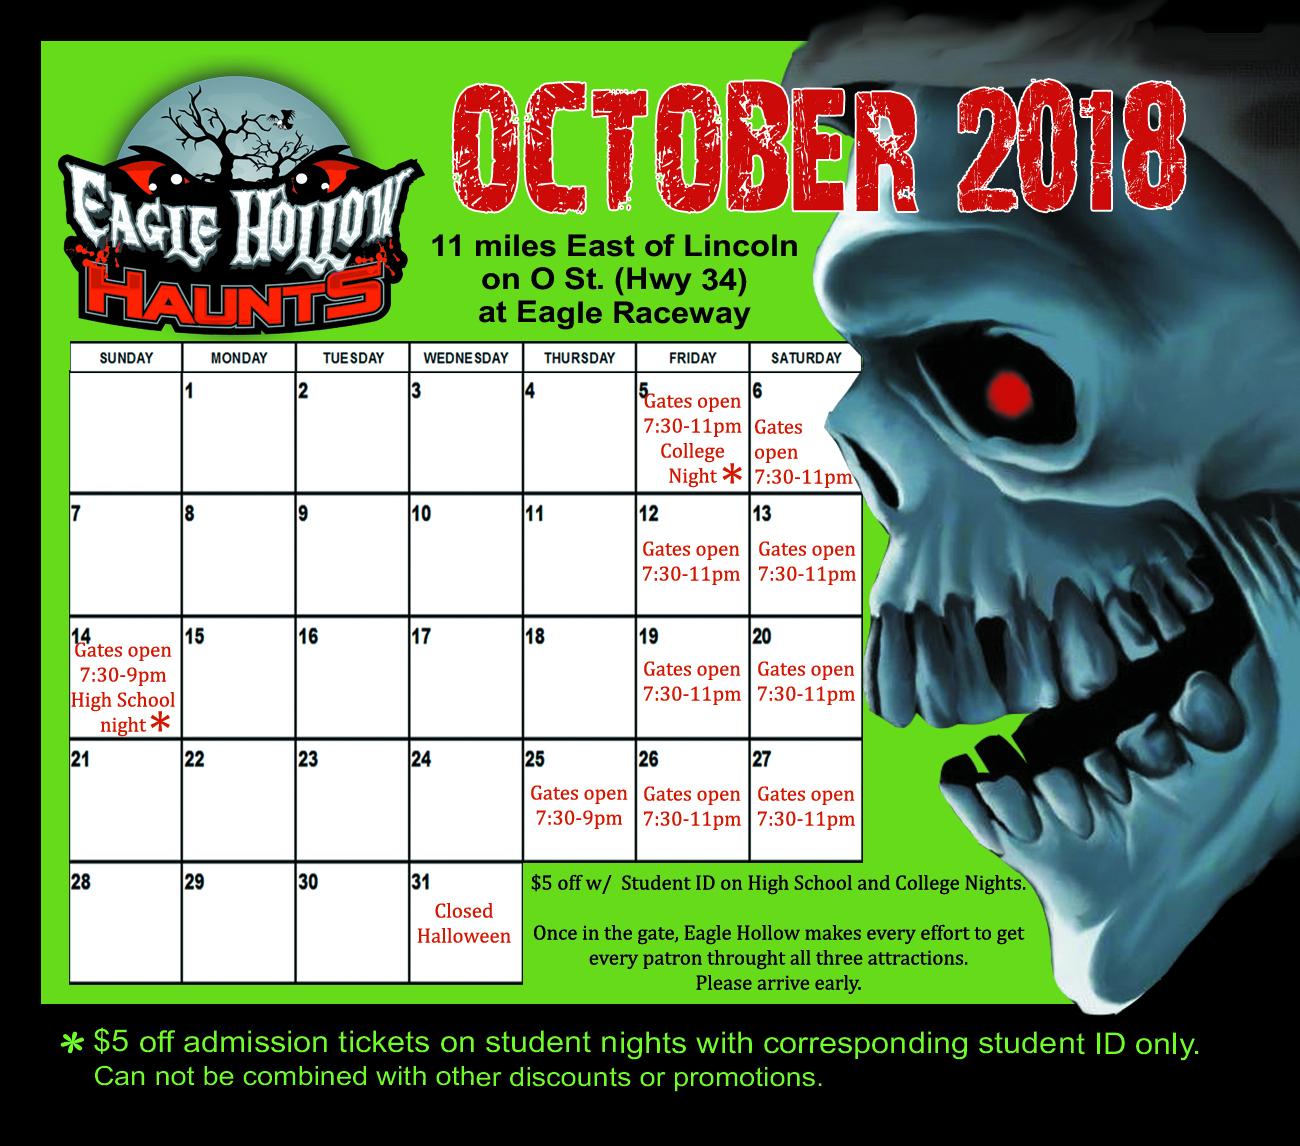 2018 website calendar